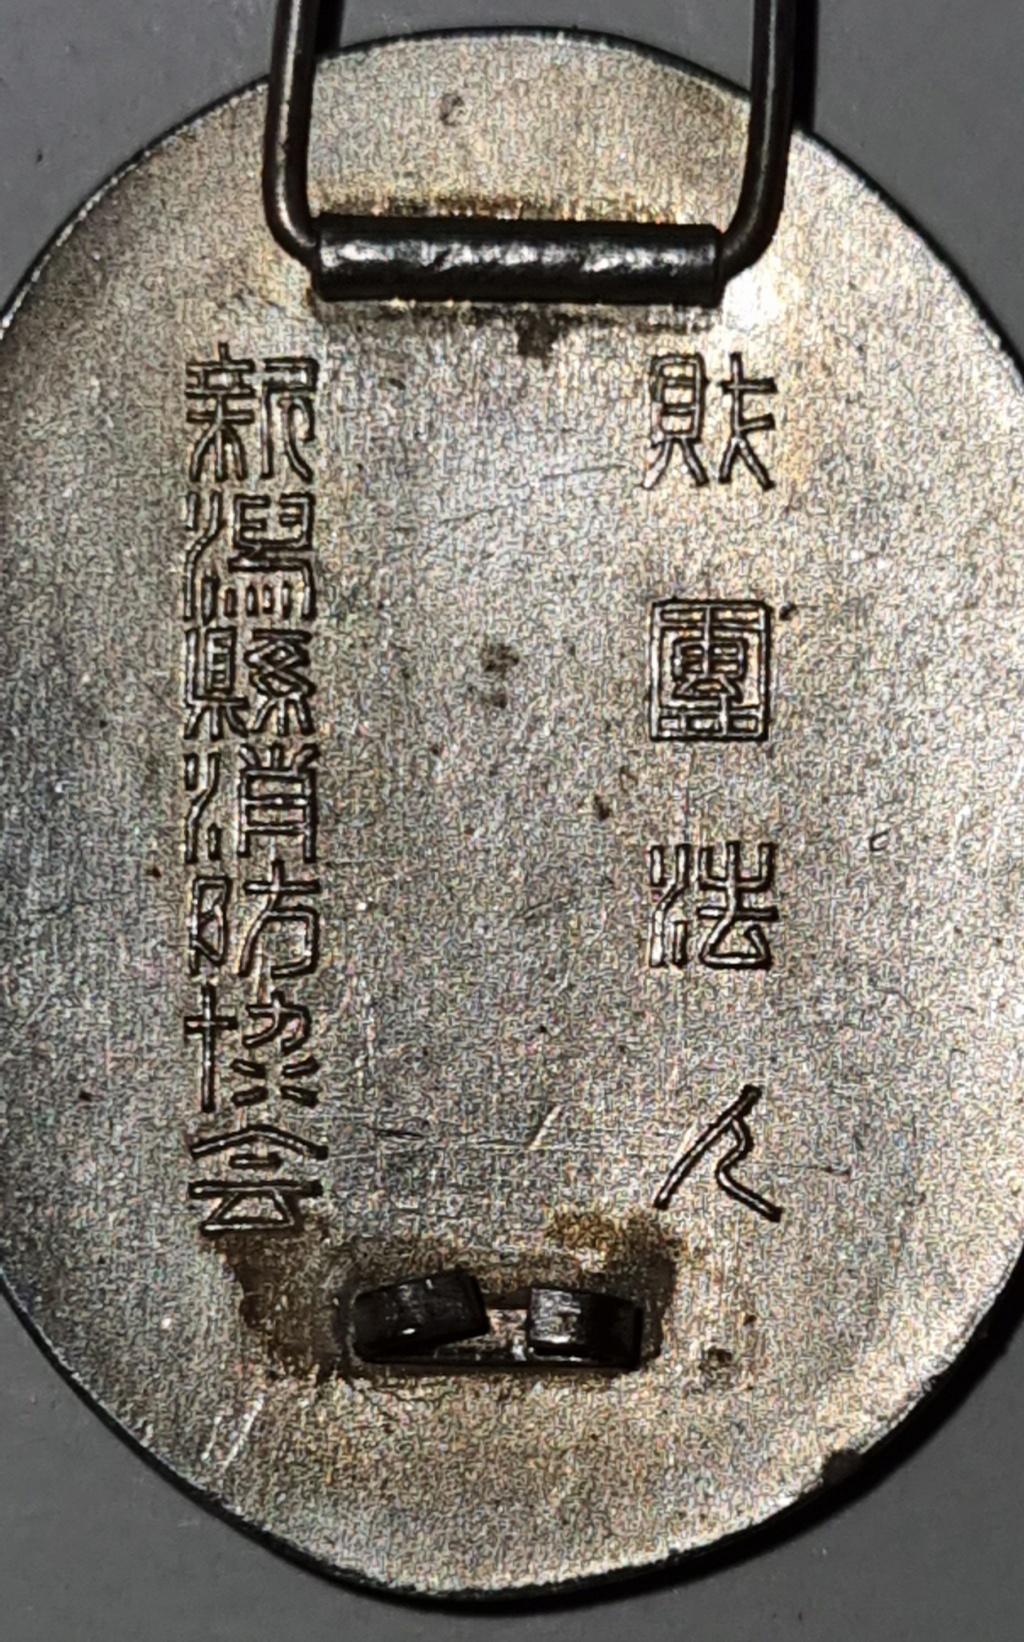 Besoin de vos connaissances pour cet insigne japonais 20210728